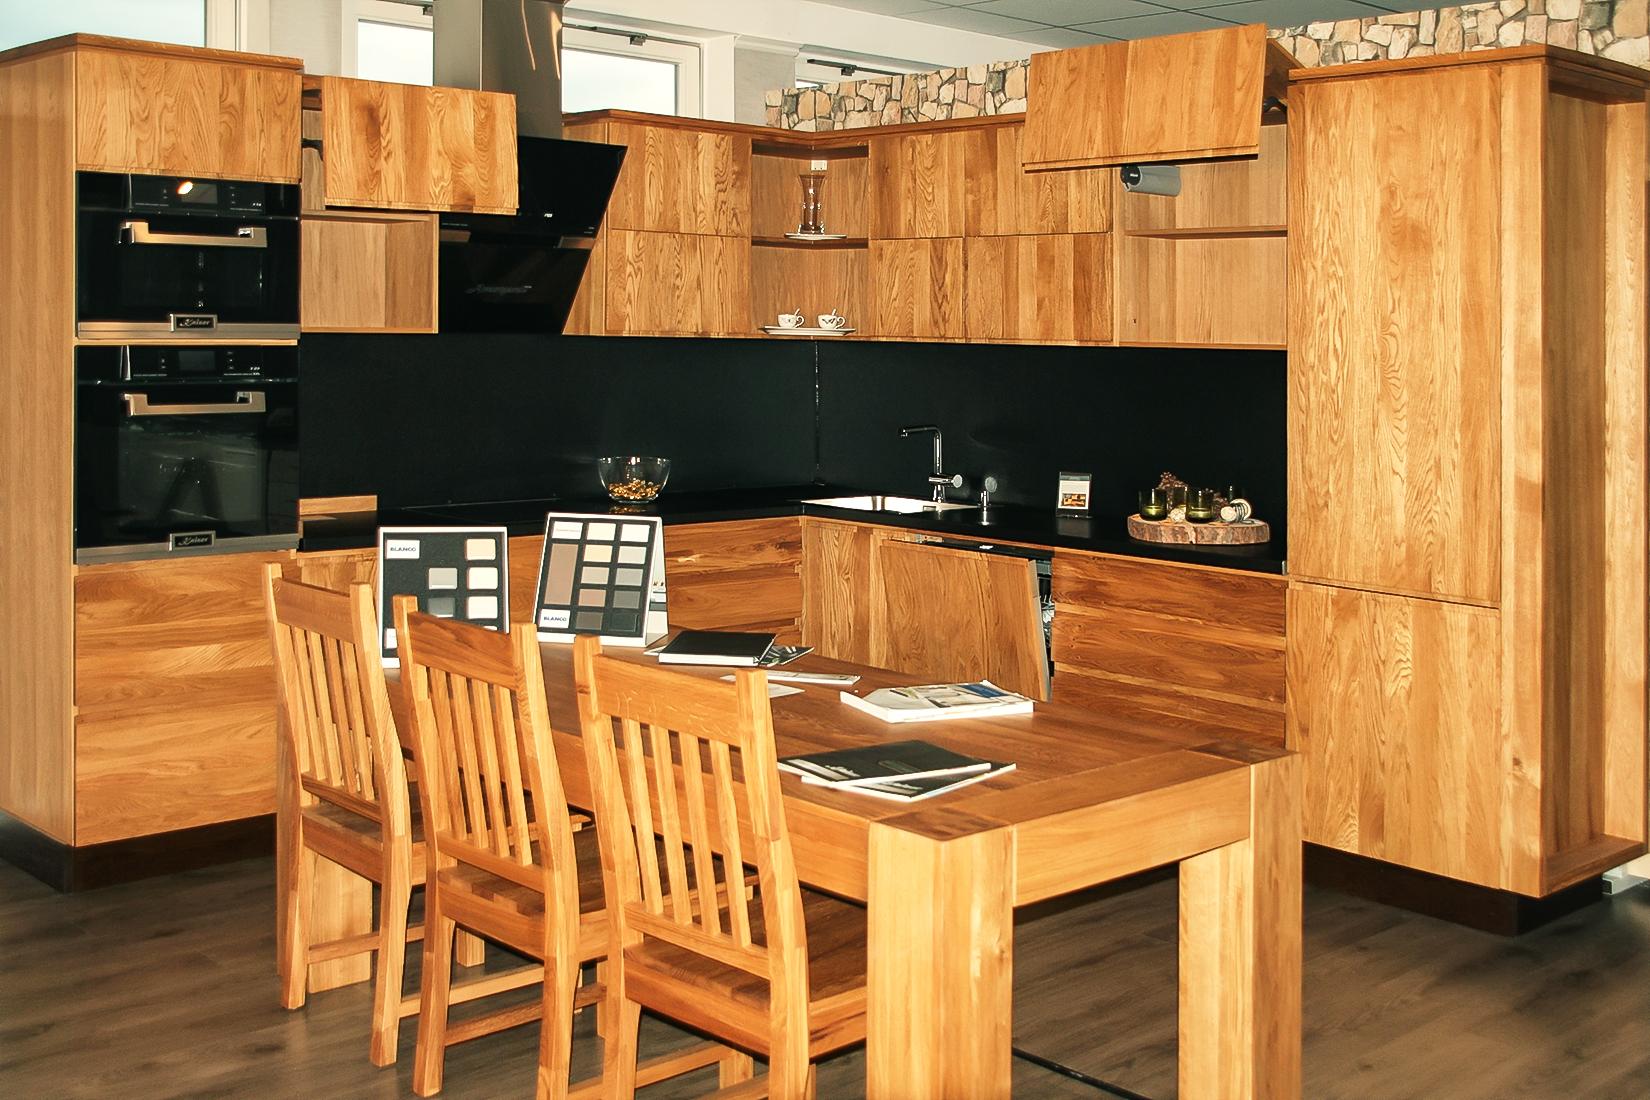 landhausküche modern küchenblock küchenzeile massivholzküche